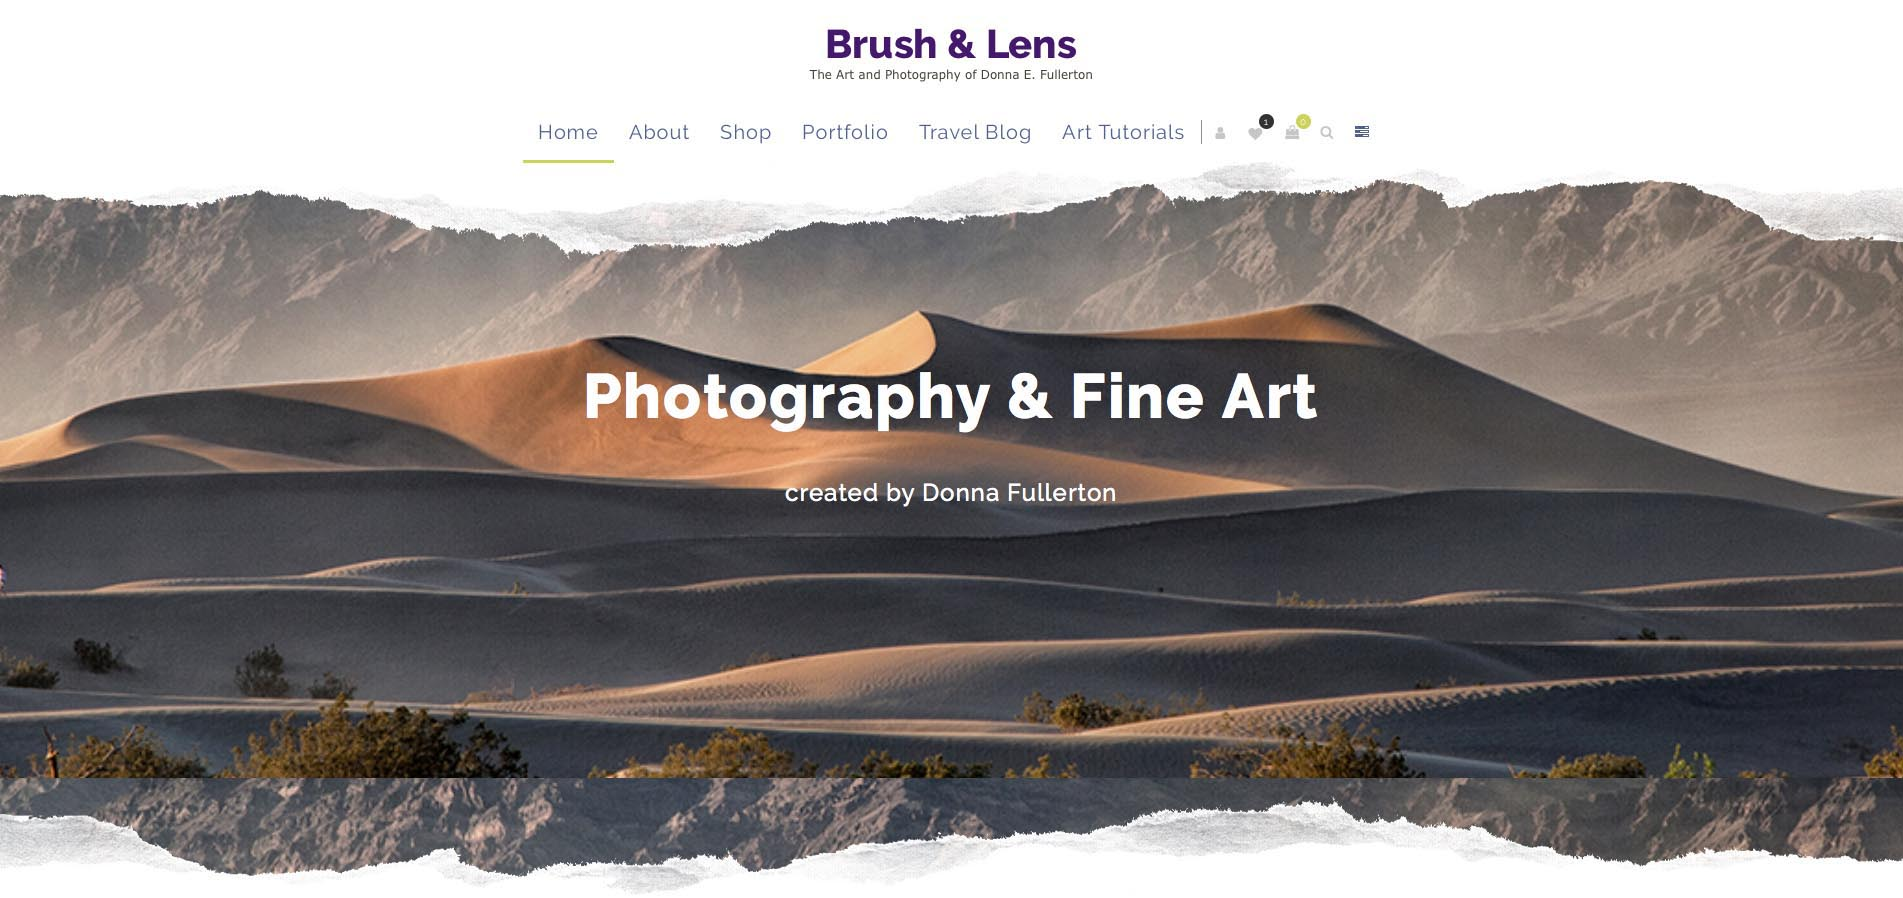 Brush & Lens